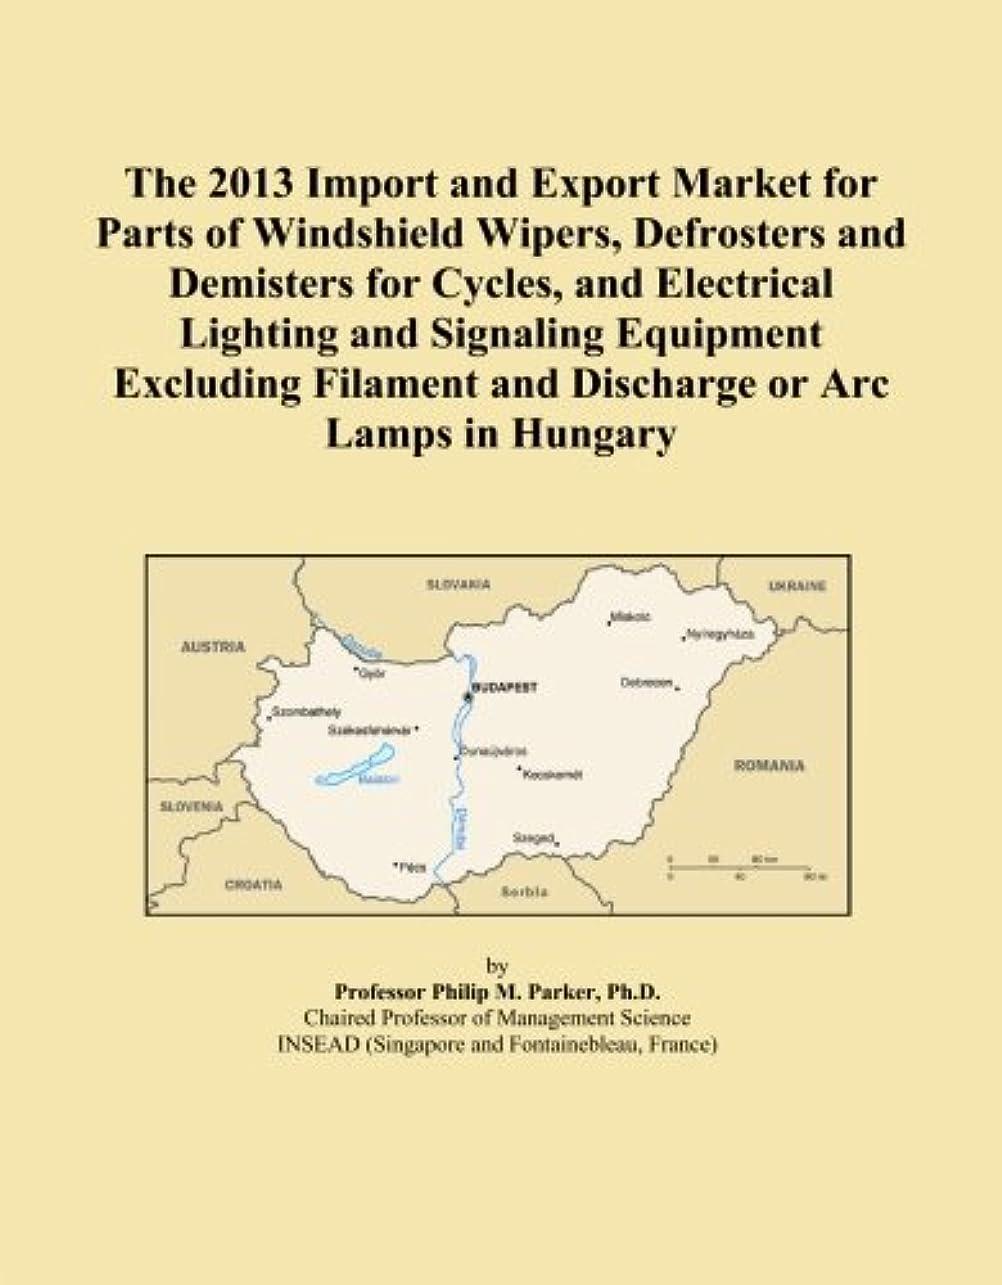 負担人形完了The 2013 Import and Export Market for Parts of Windshield Wipers, Defrosters and Demisters for Cycles, and Electrical Lighting and Signaling Equipment Excluding Filament and Discharge or Arc Lamps in Hungary